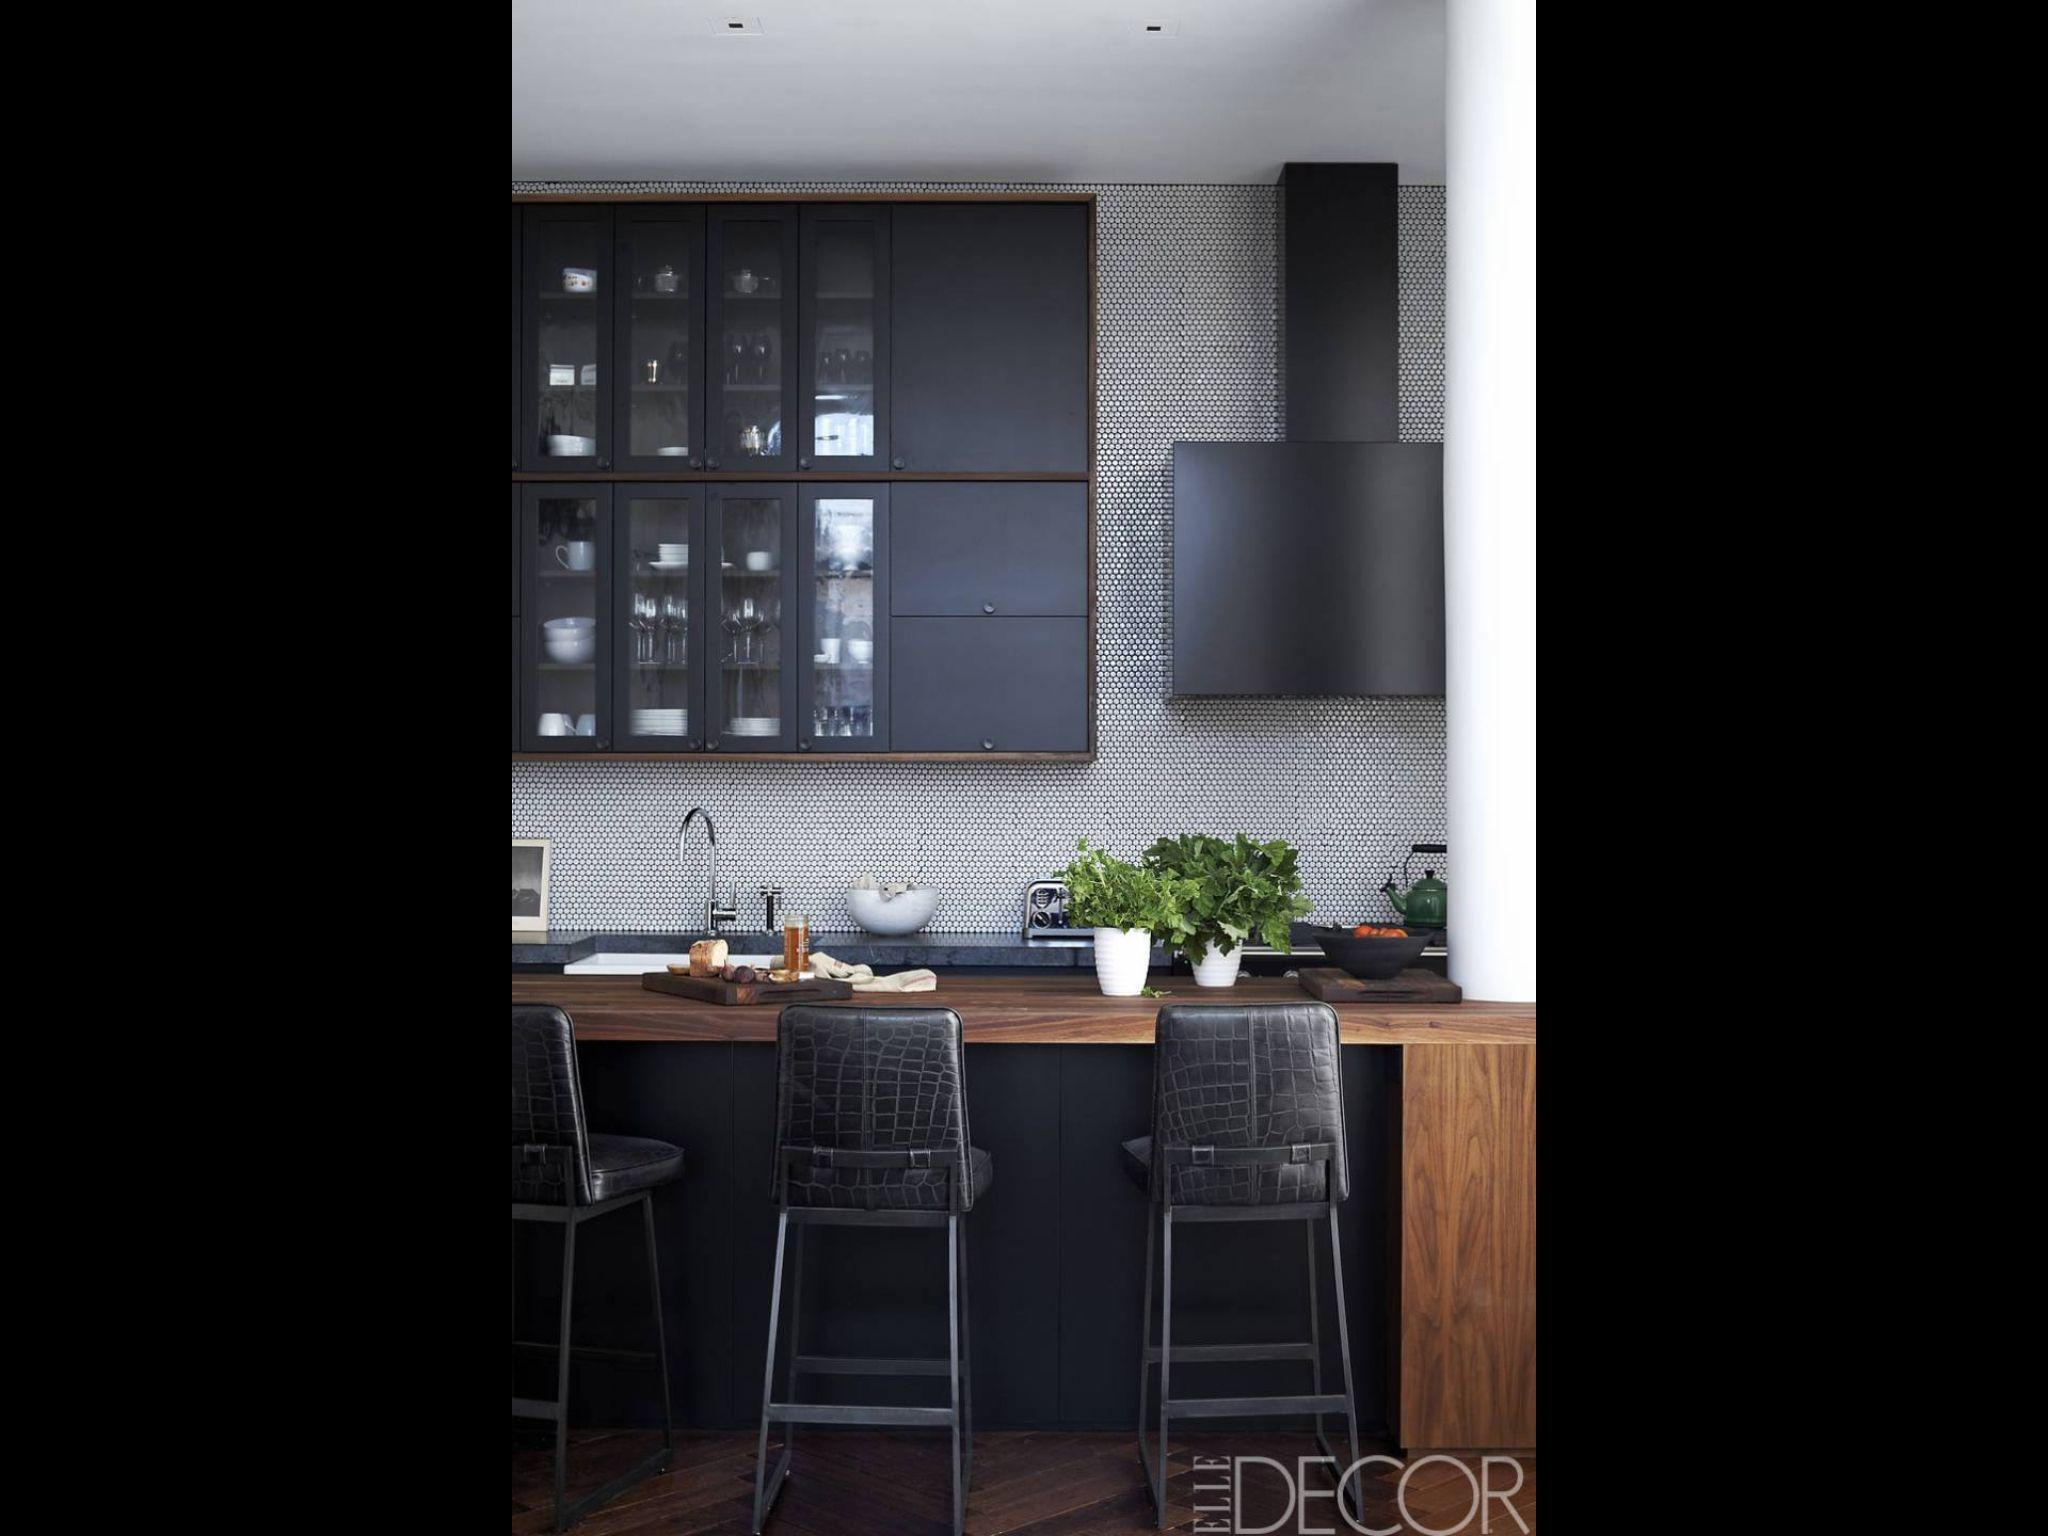 penny tile backsplash black cabinets combined with